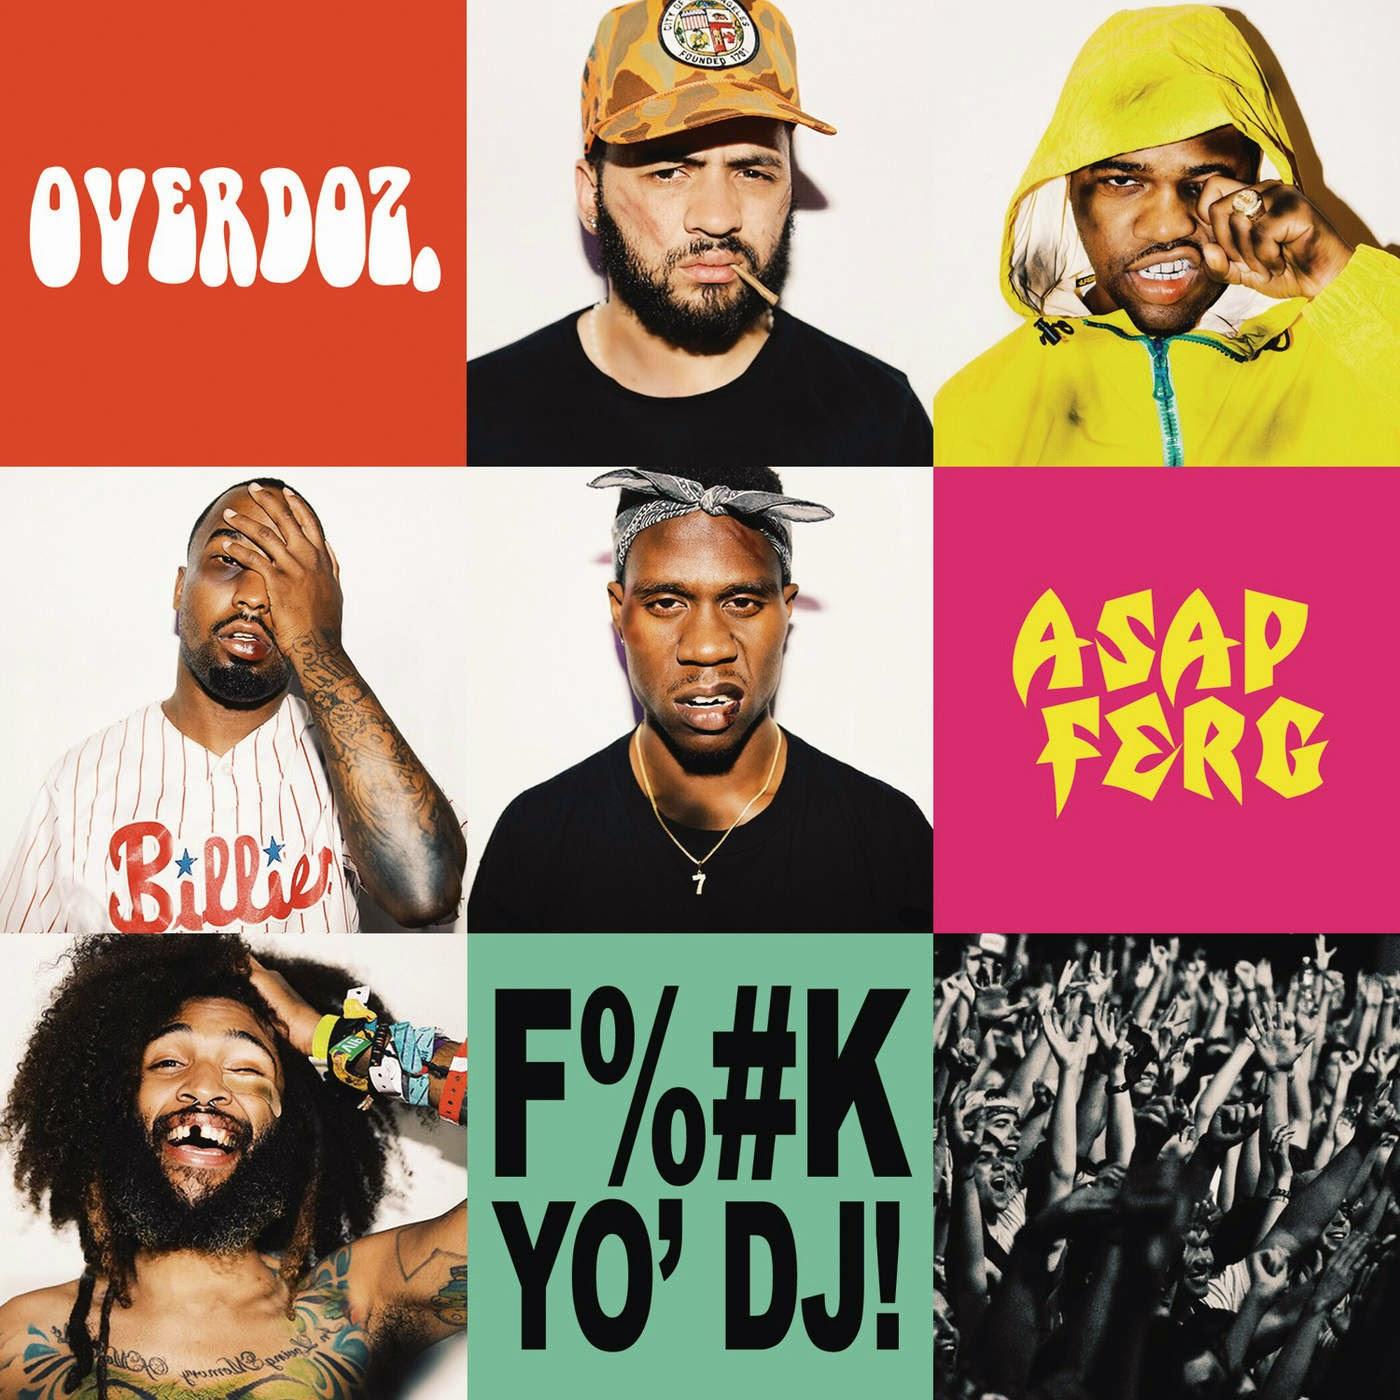 Overdoz - F**k Yo DJ (feat. A$AP Ferg) - Single Cover